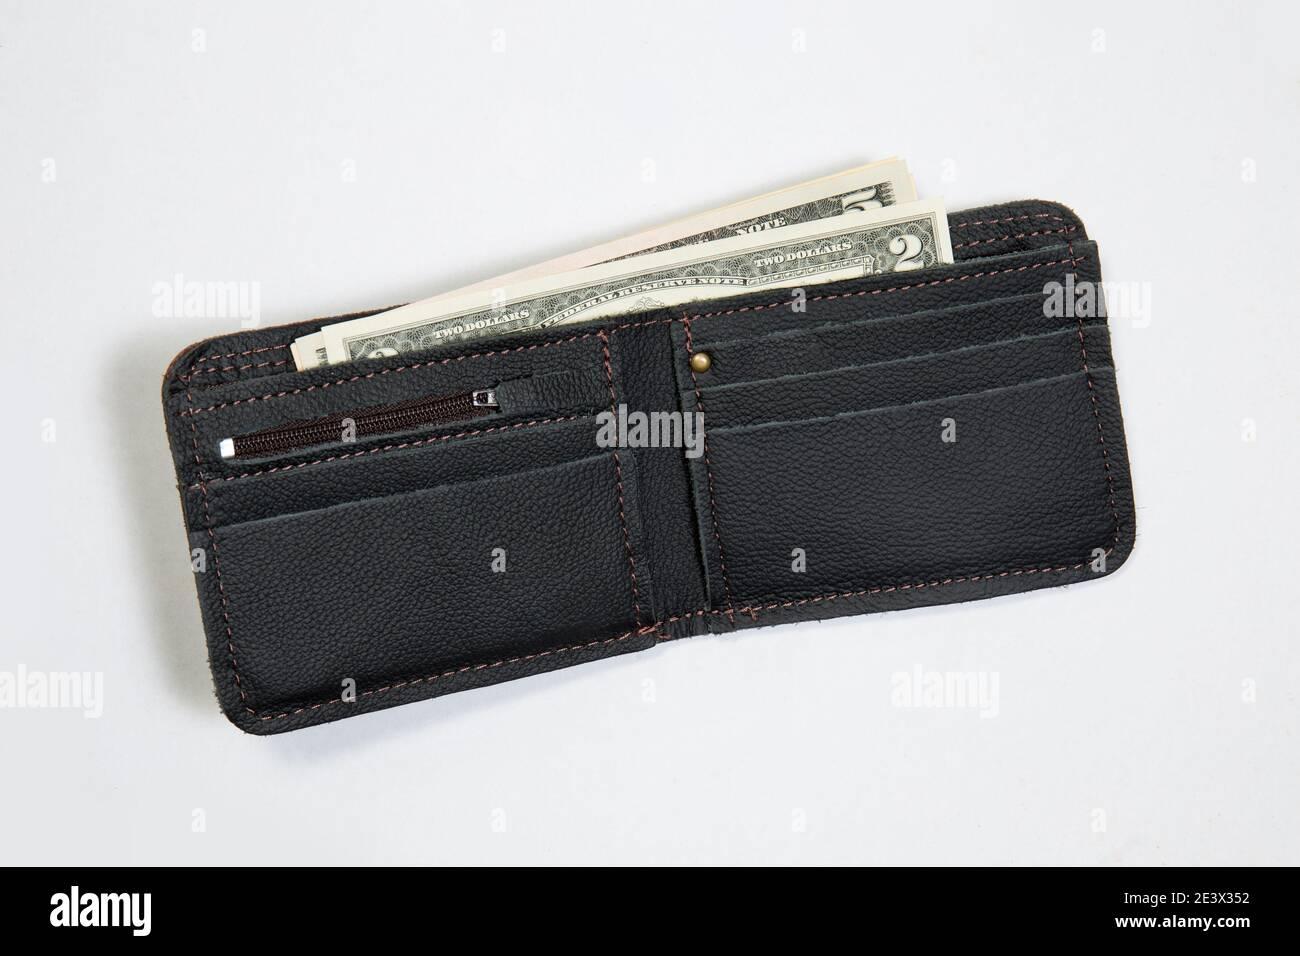 Nueva cartera de cuero con nosotros dólares sobre fondo blanco Foto de stock